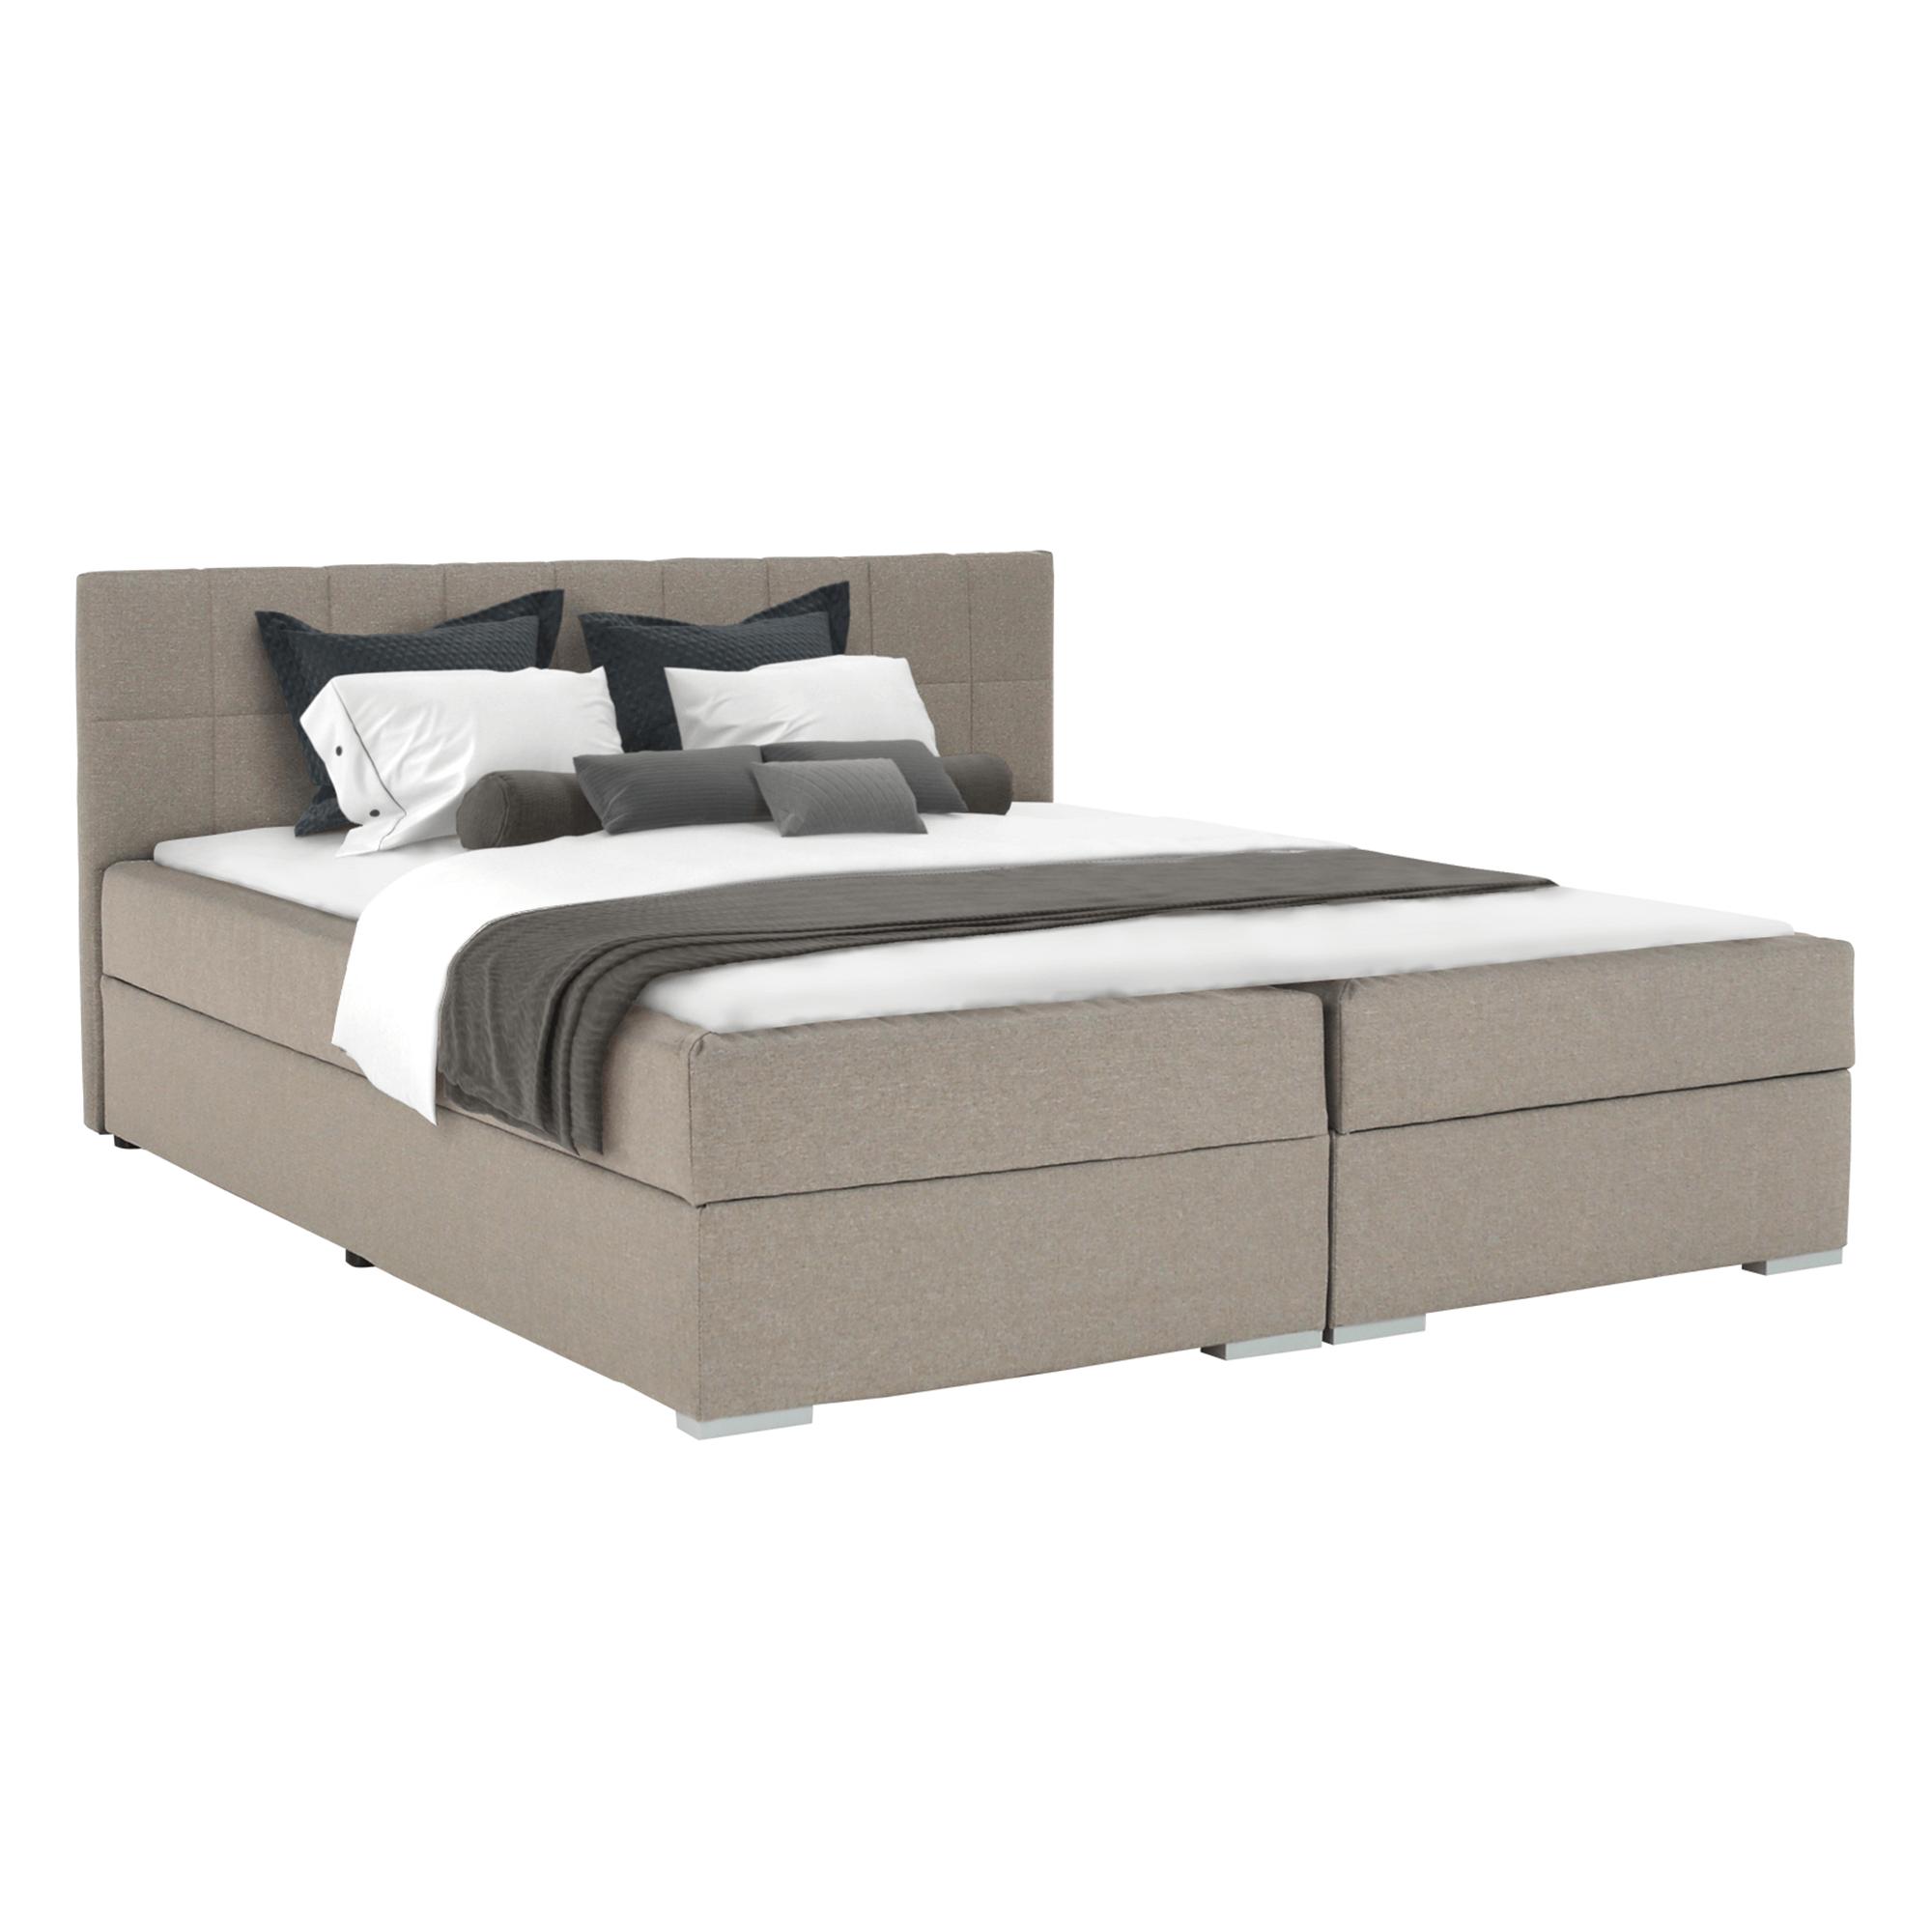 Boxspring típusú ágy 180x200, szürkésbarna taupe, FERATA TV KOMFORT